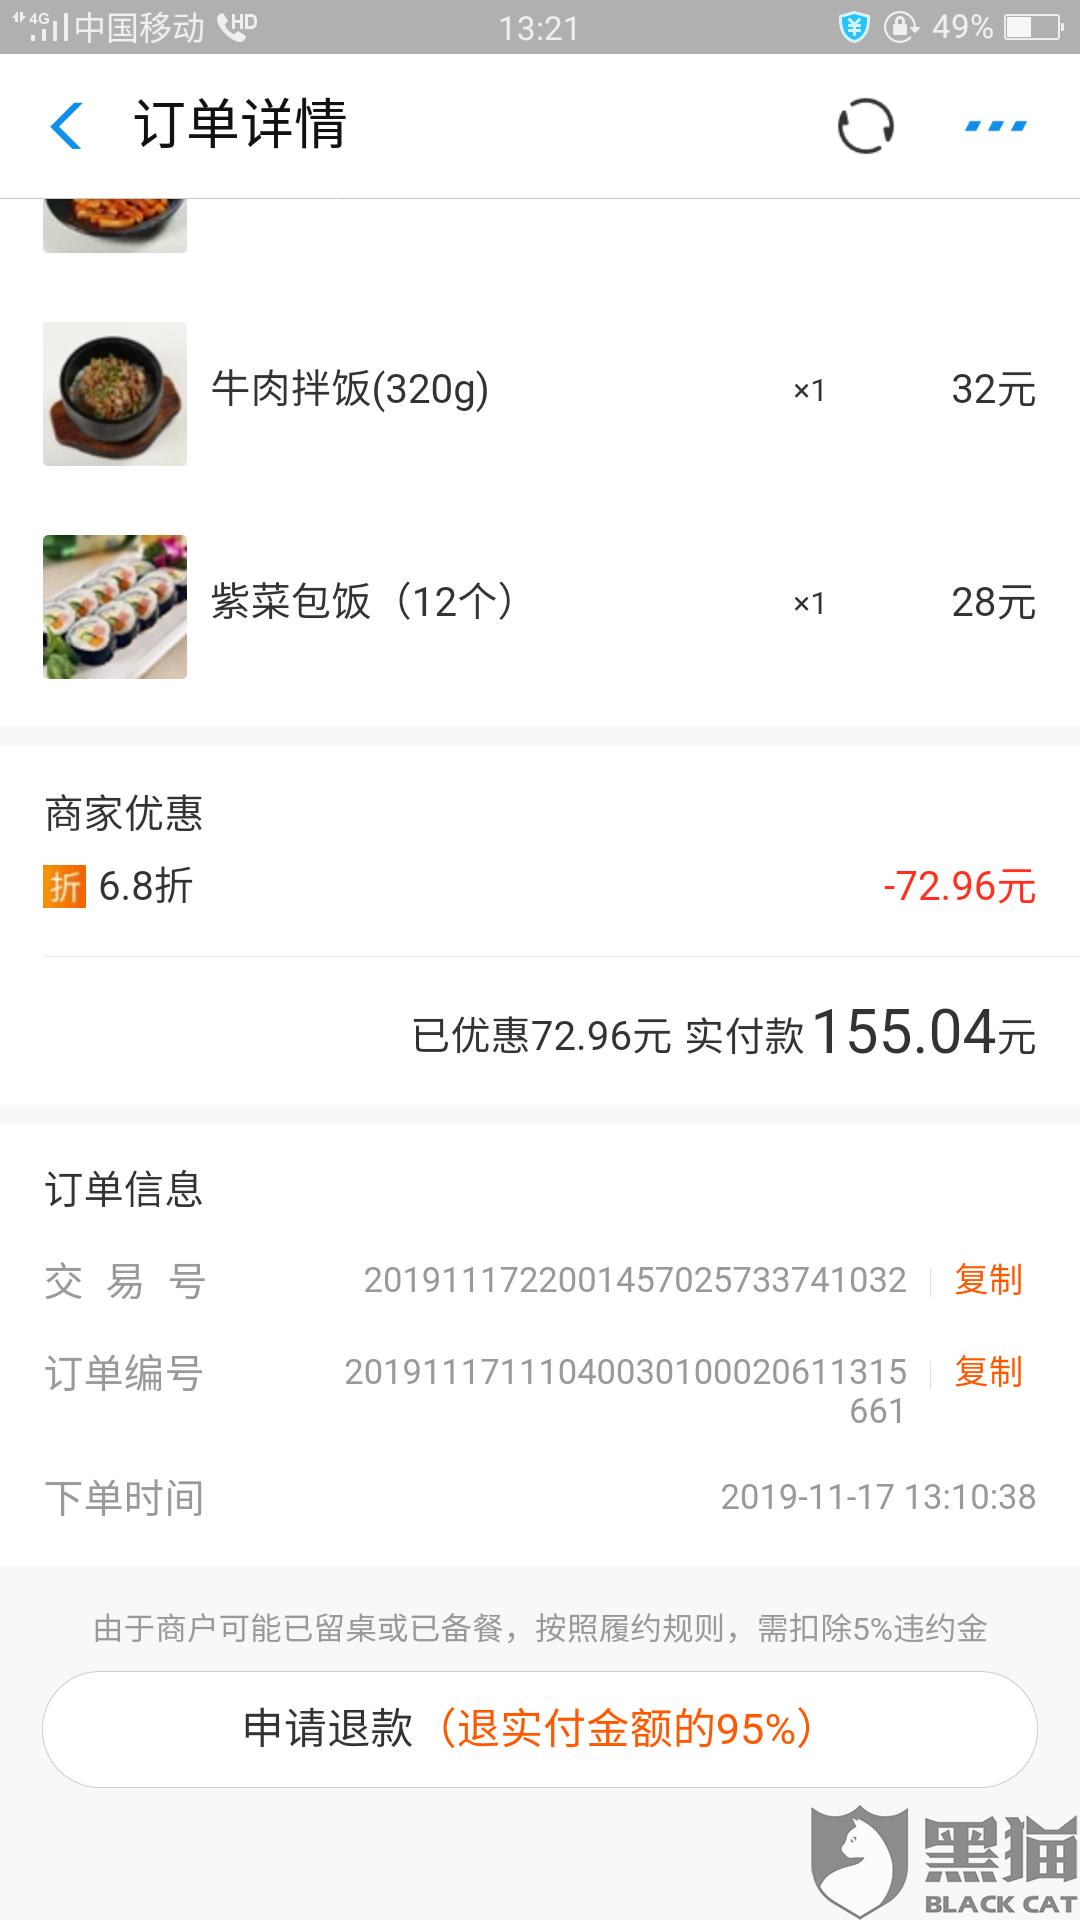 黑猫投诉:杭州口口相传网络技术有限公司(口碑网)预定单商家关店拒不退款